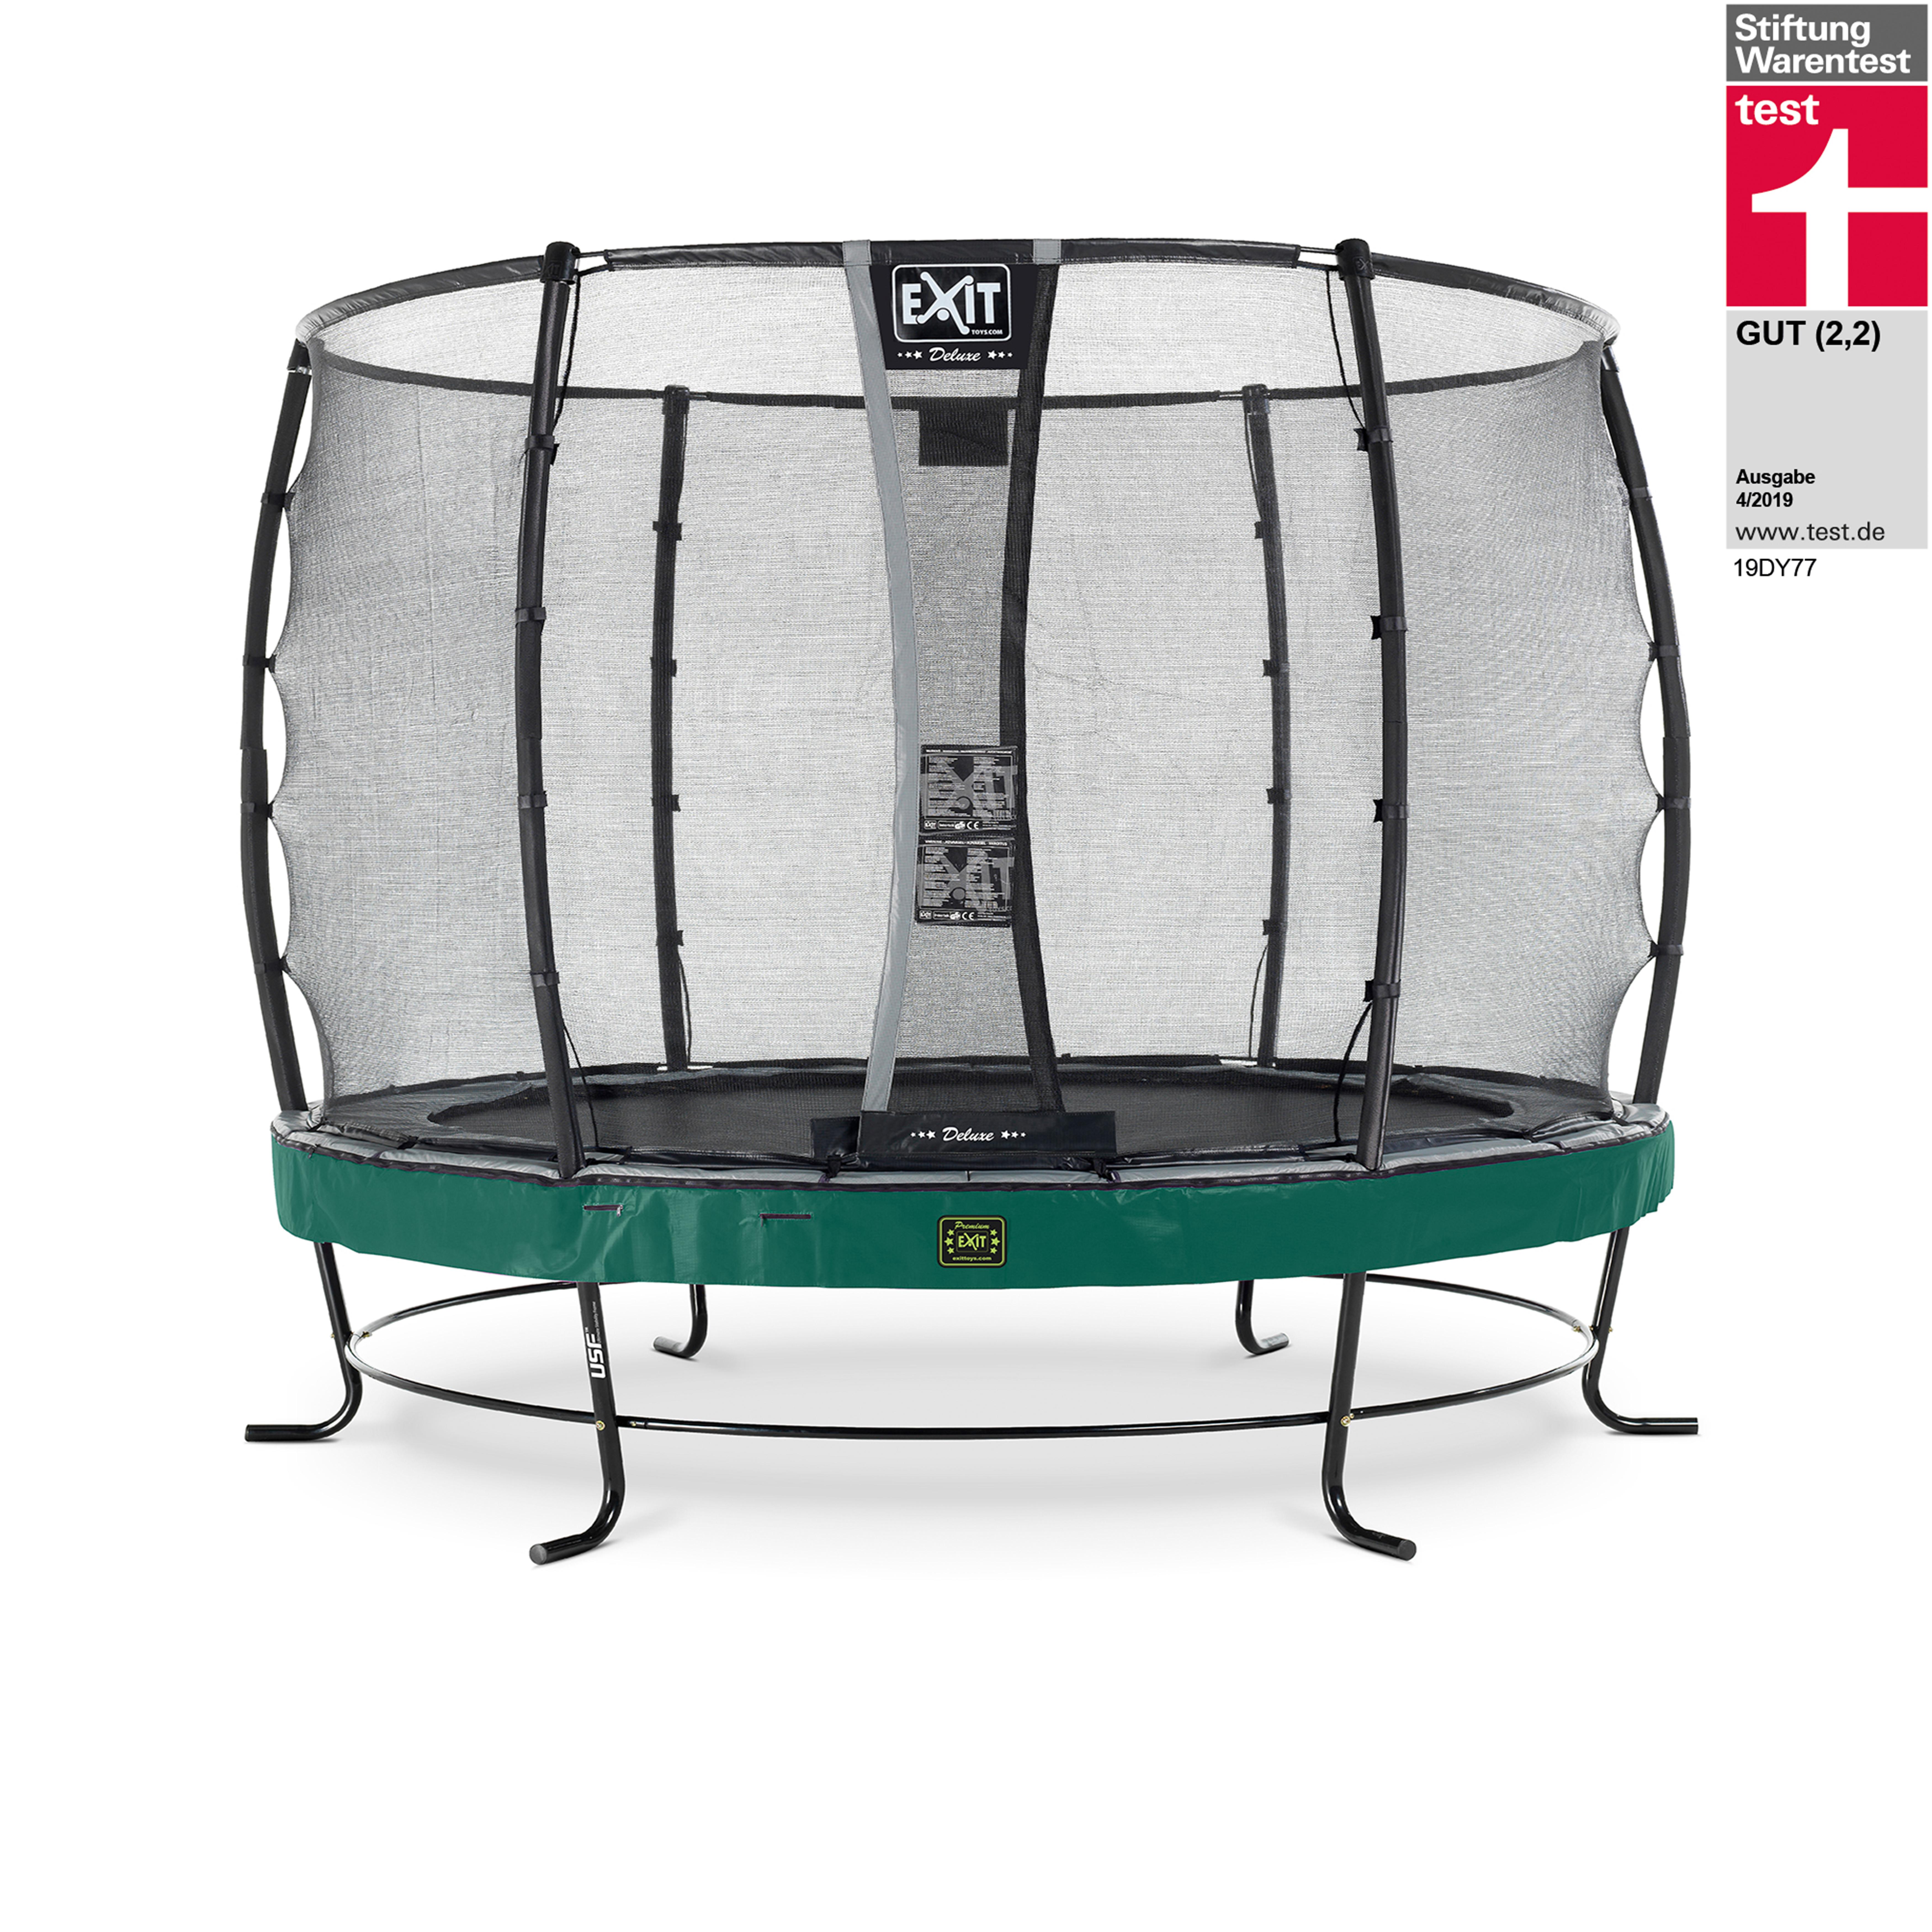 Trampolin EXIT Elegant Premium Ø305cm + Sicherheitsnetz Deluxe grün Bild 1